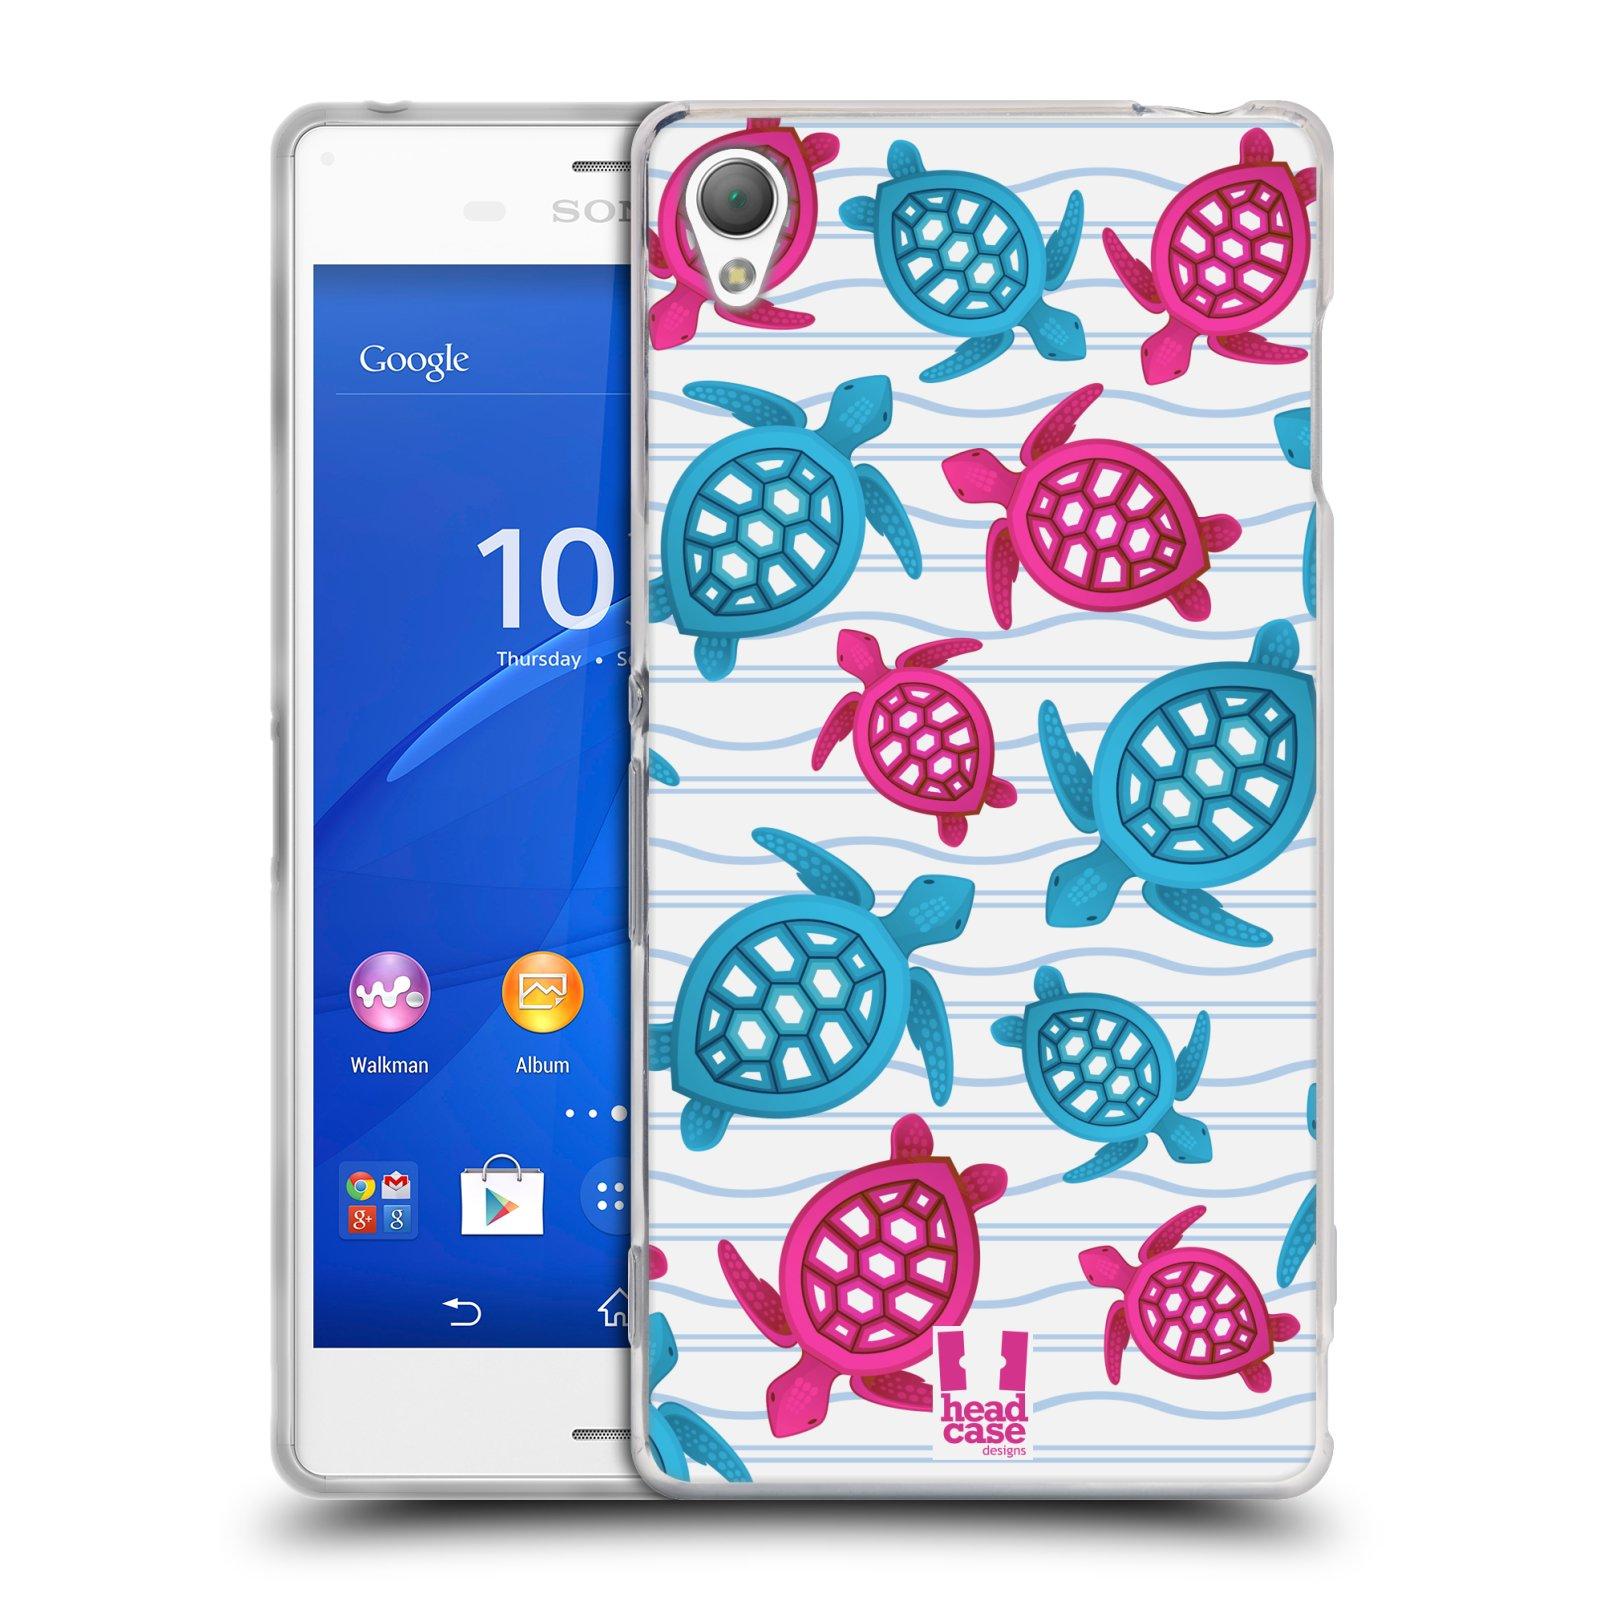 HEAD CASE silikonový obal na mobil Sony Xperia Z3 vzor mořský živočich želva modrá a růžová